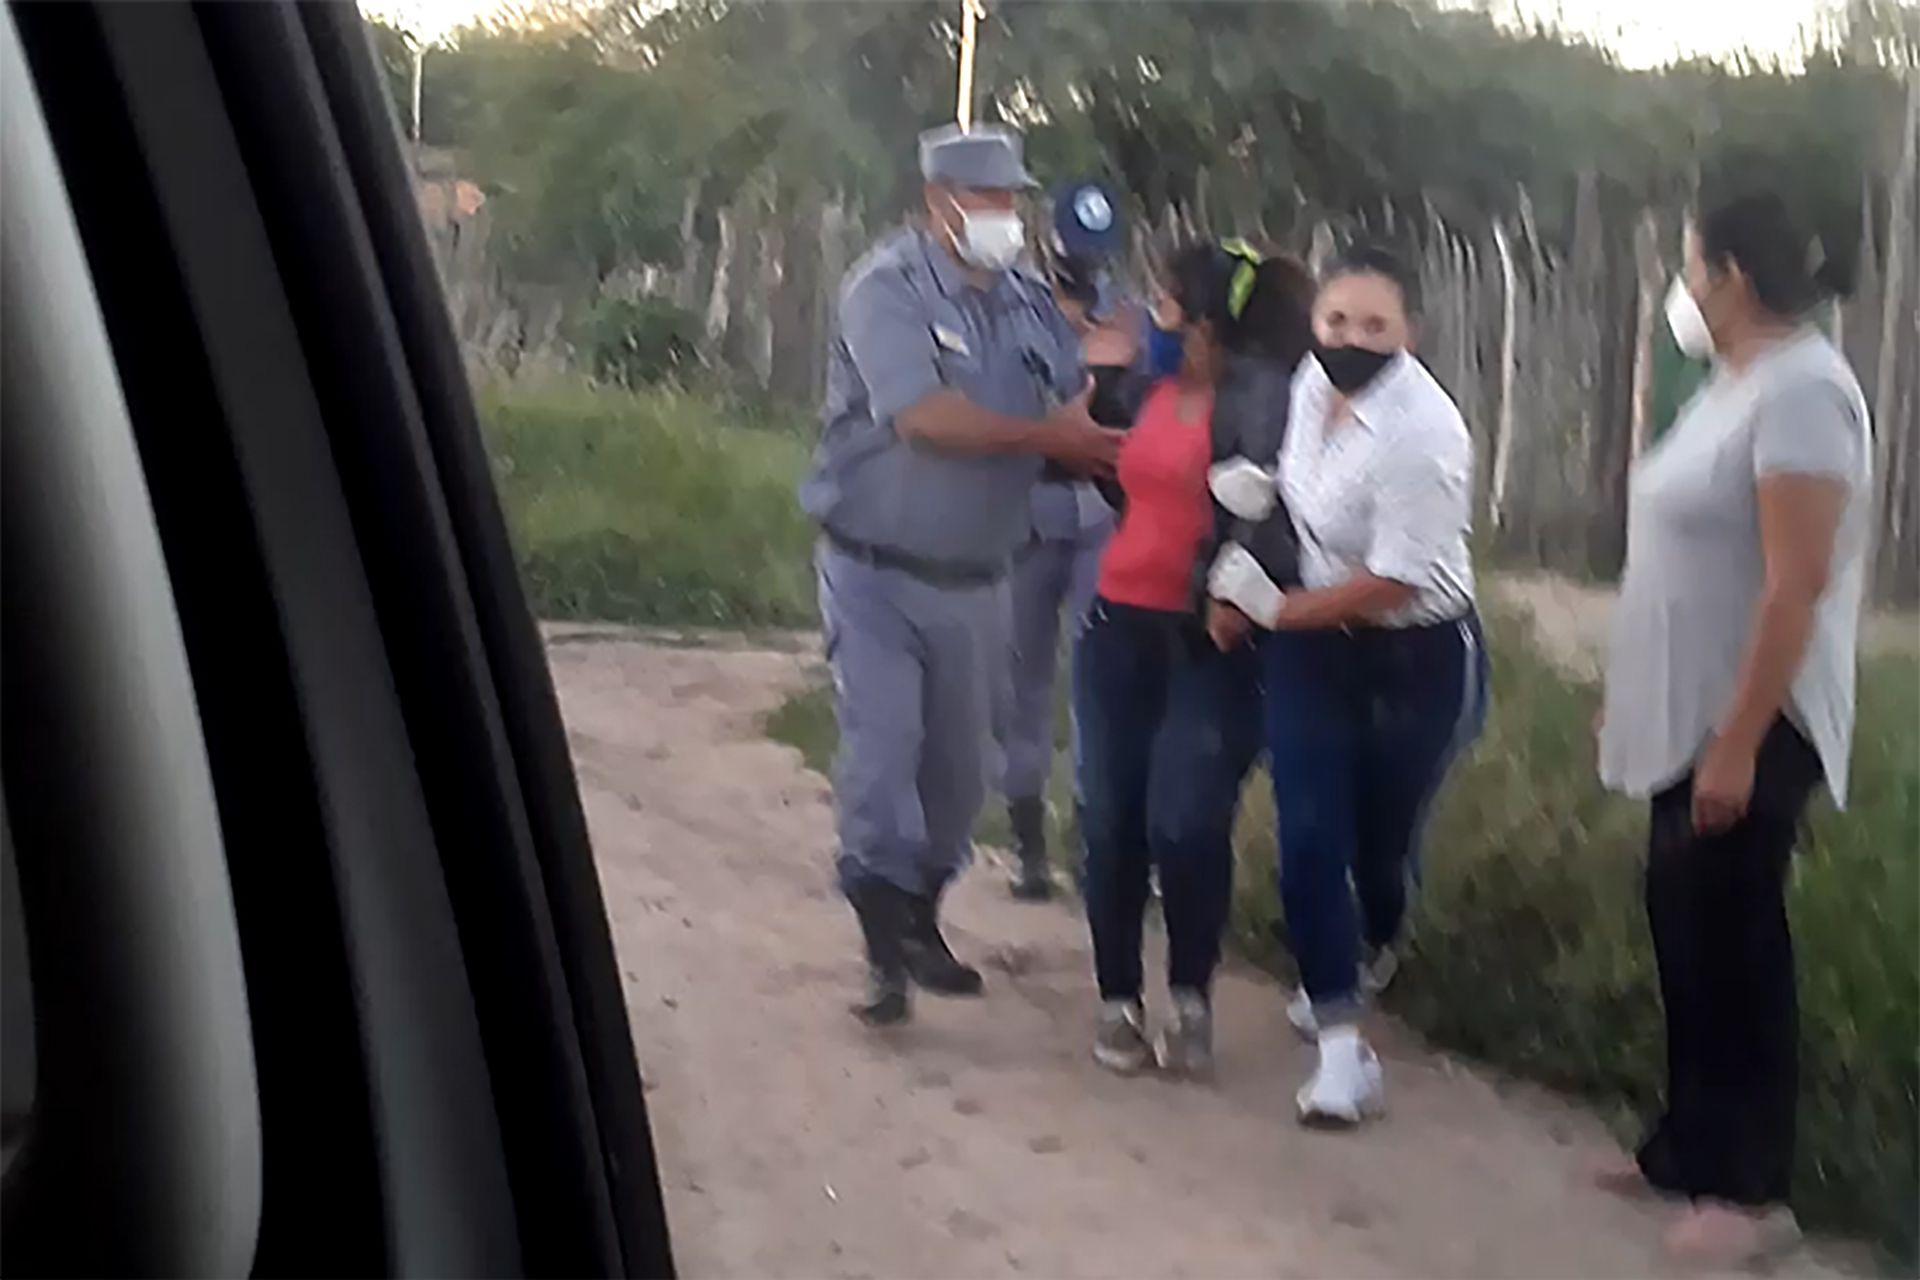 Policía de Formosa se lleva detenida a una joven que se negaba a hisoparse en Ingeniero Juárez, según informaron fuentes locales a LA NACION